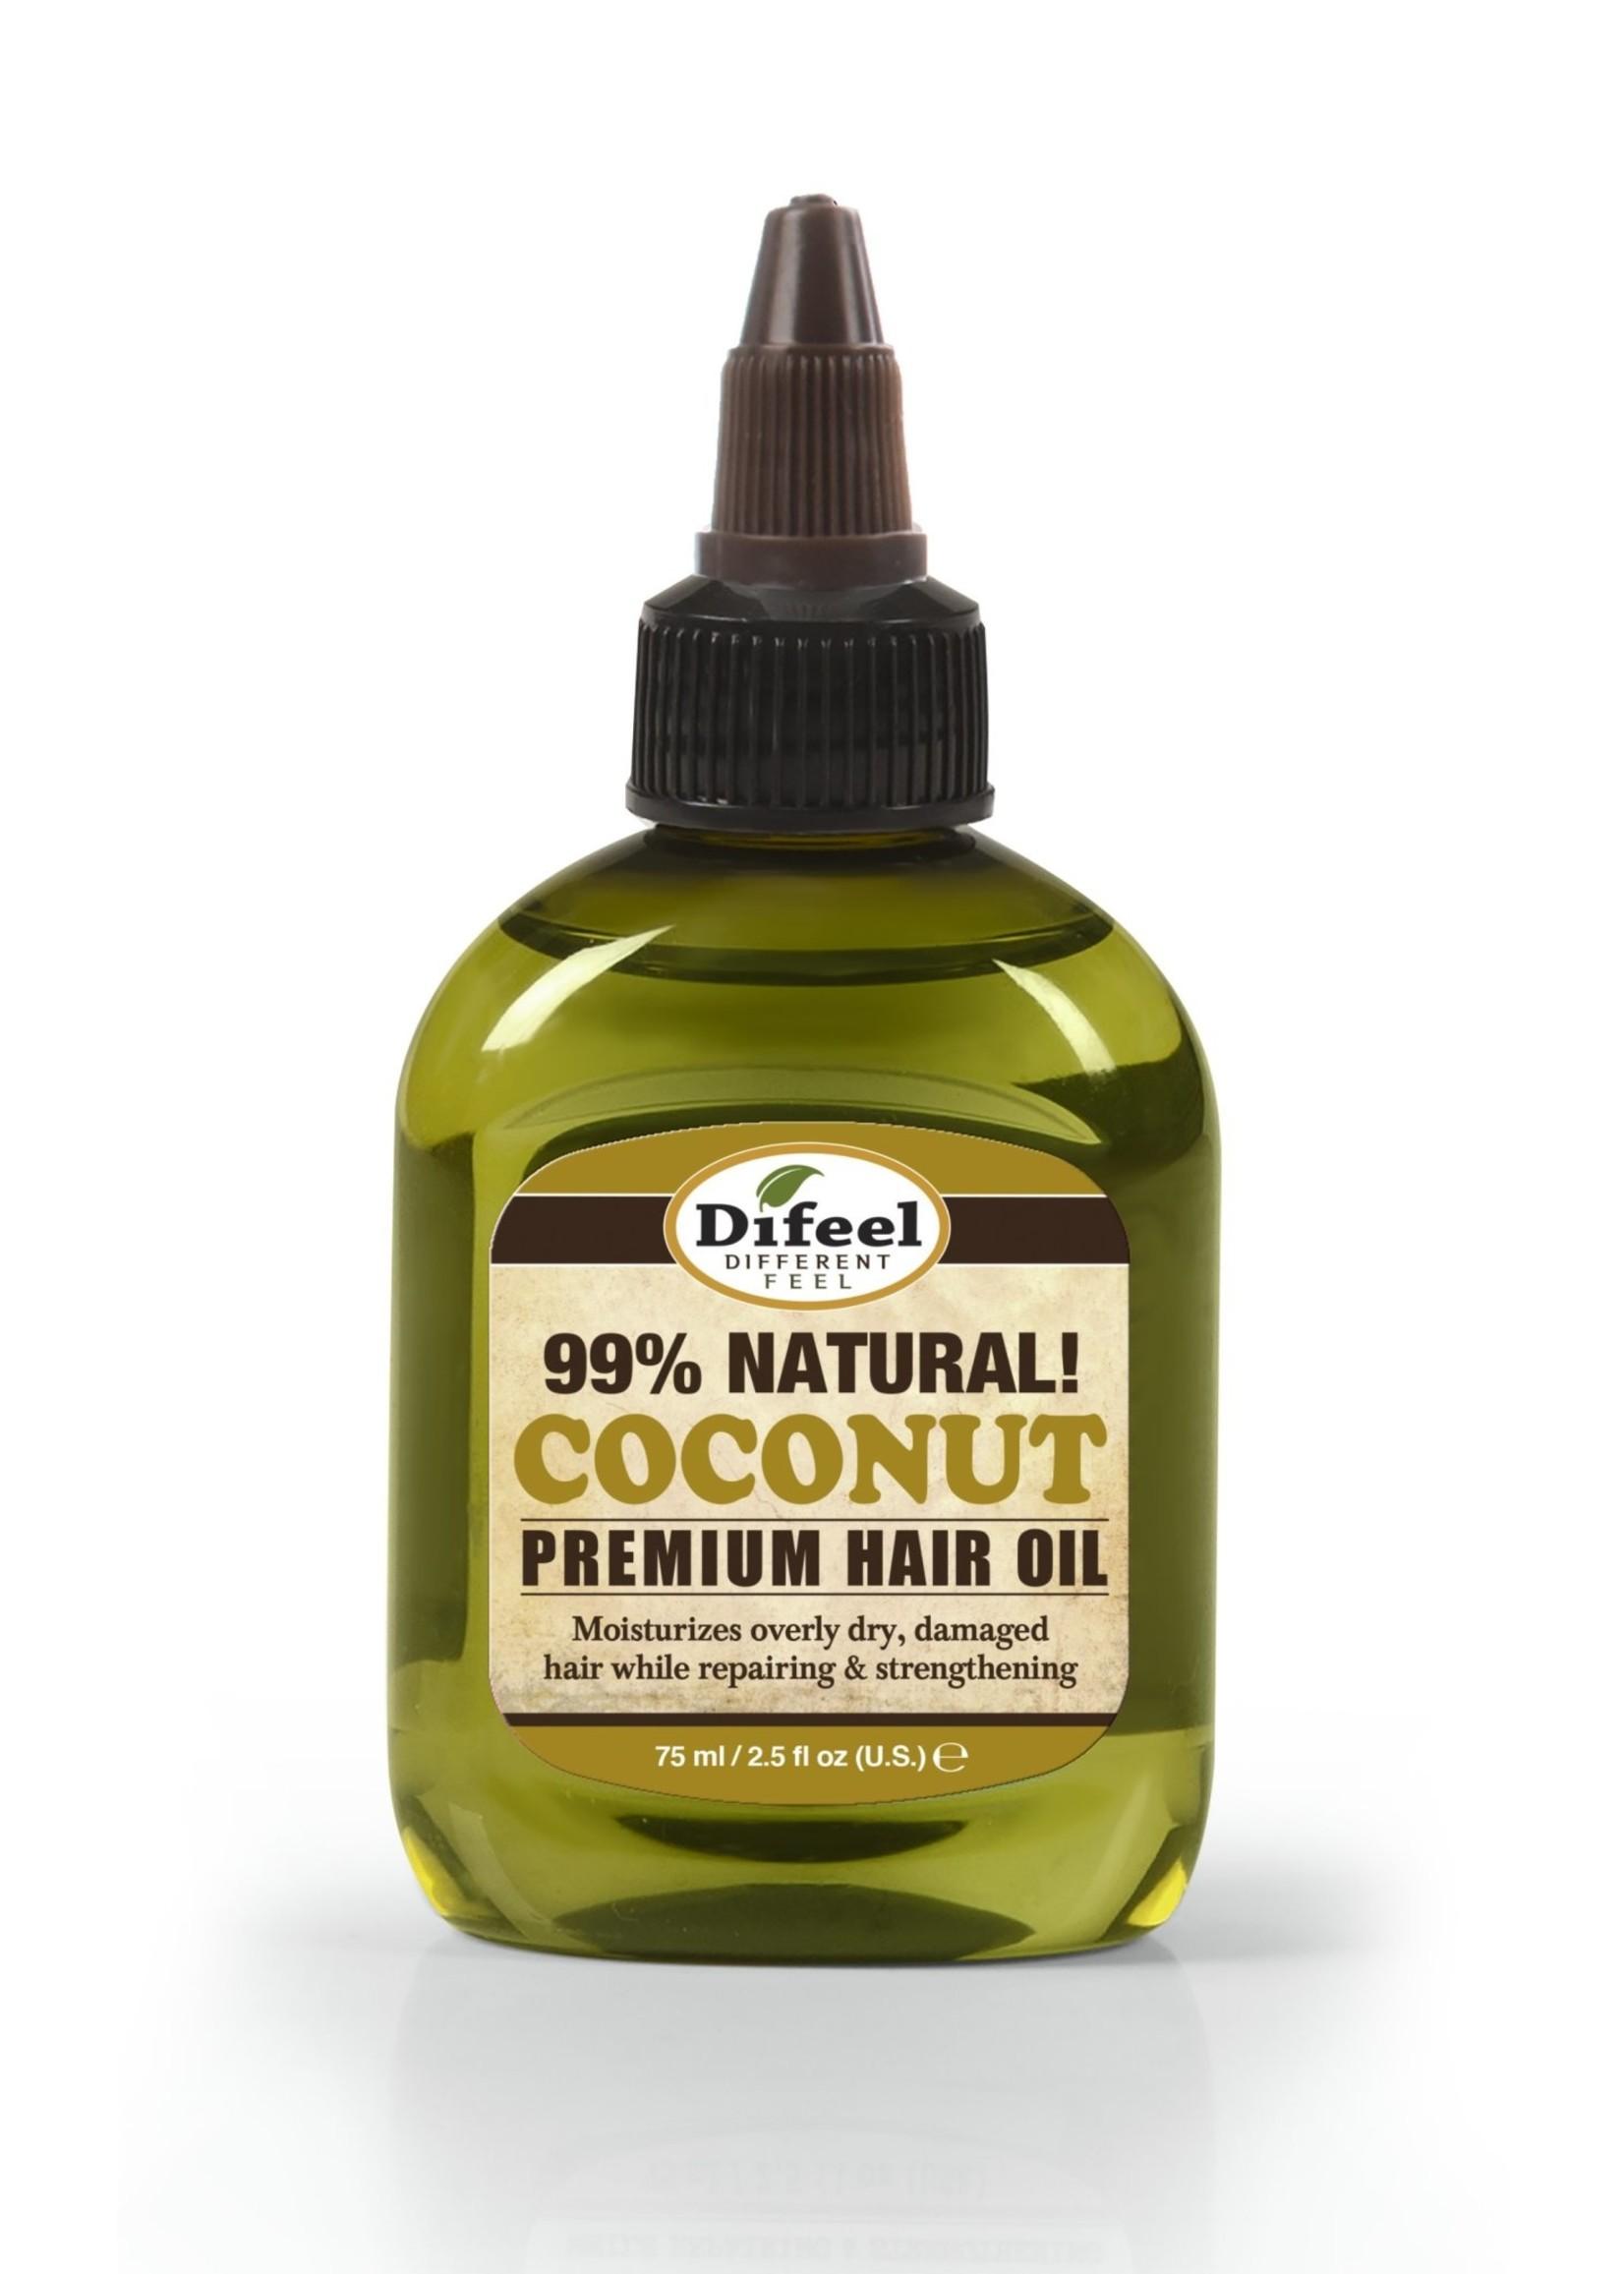 Difeel Premium Coconut Oil